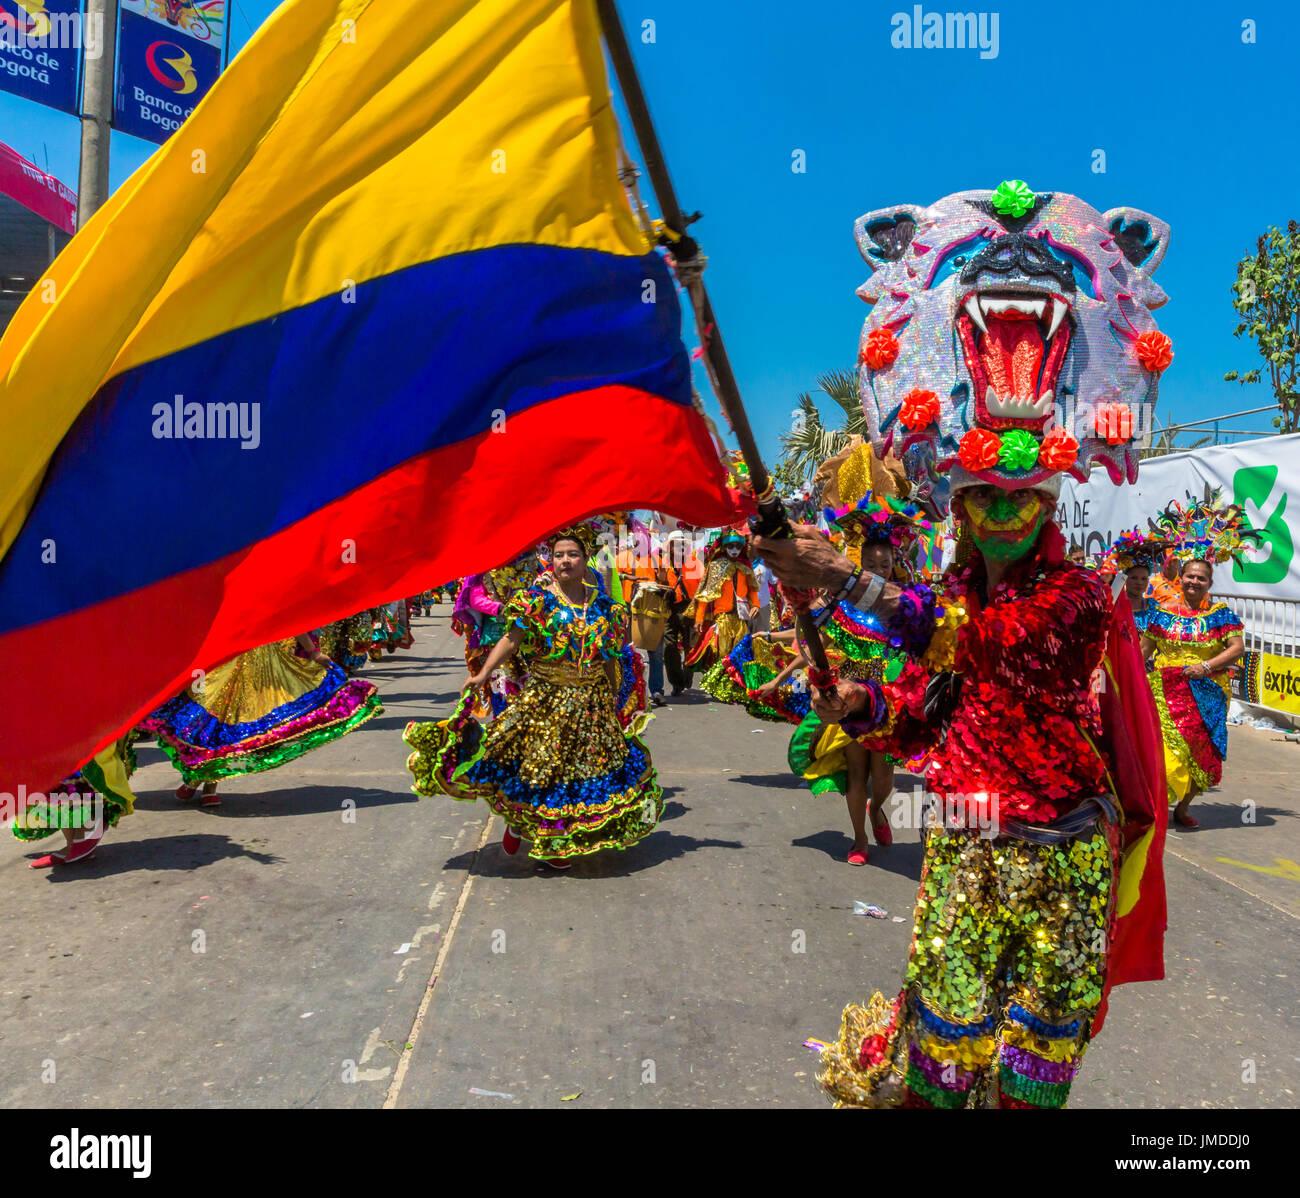 Barranquilla, Kolumbien - 26. Februar 2017: Menschen, die Teilnahme an der Parade der Karneval von Barranquilla Atlantico Kolumbien Stockbild